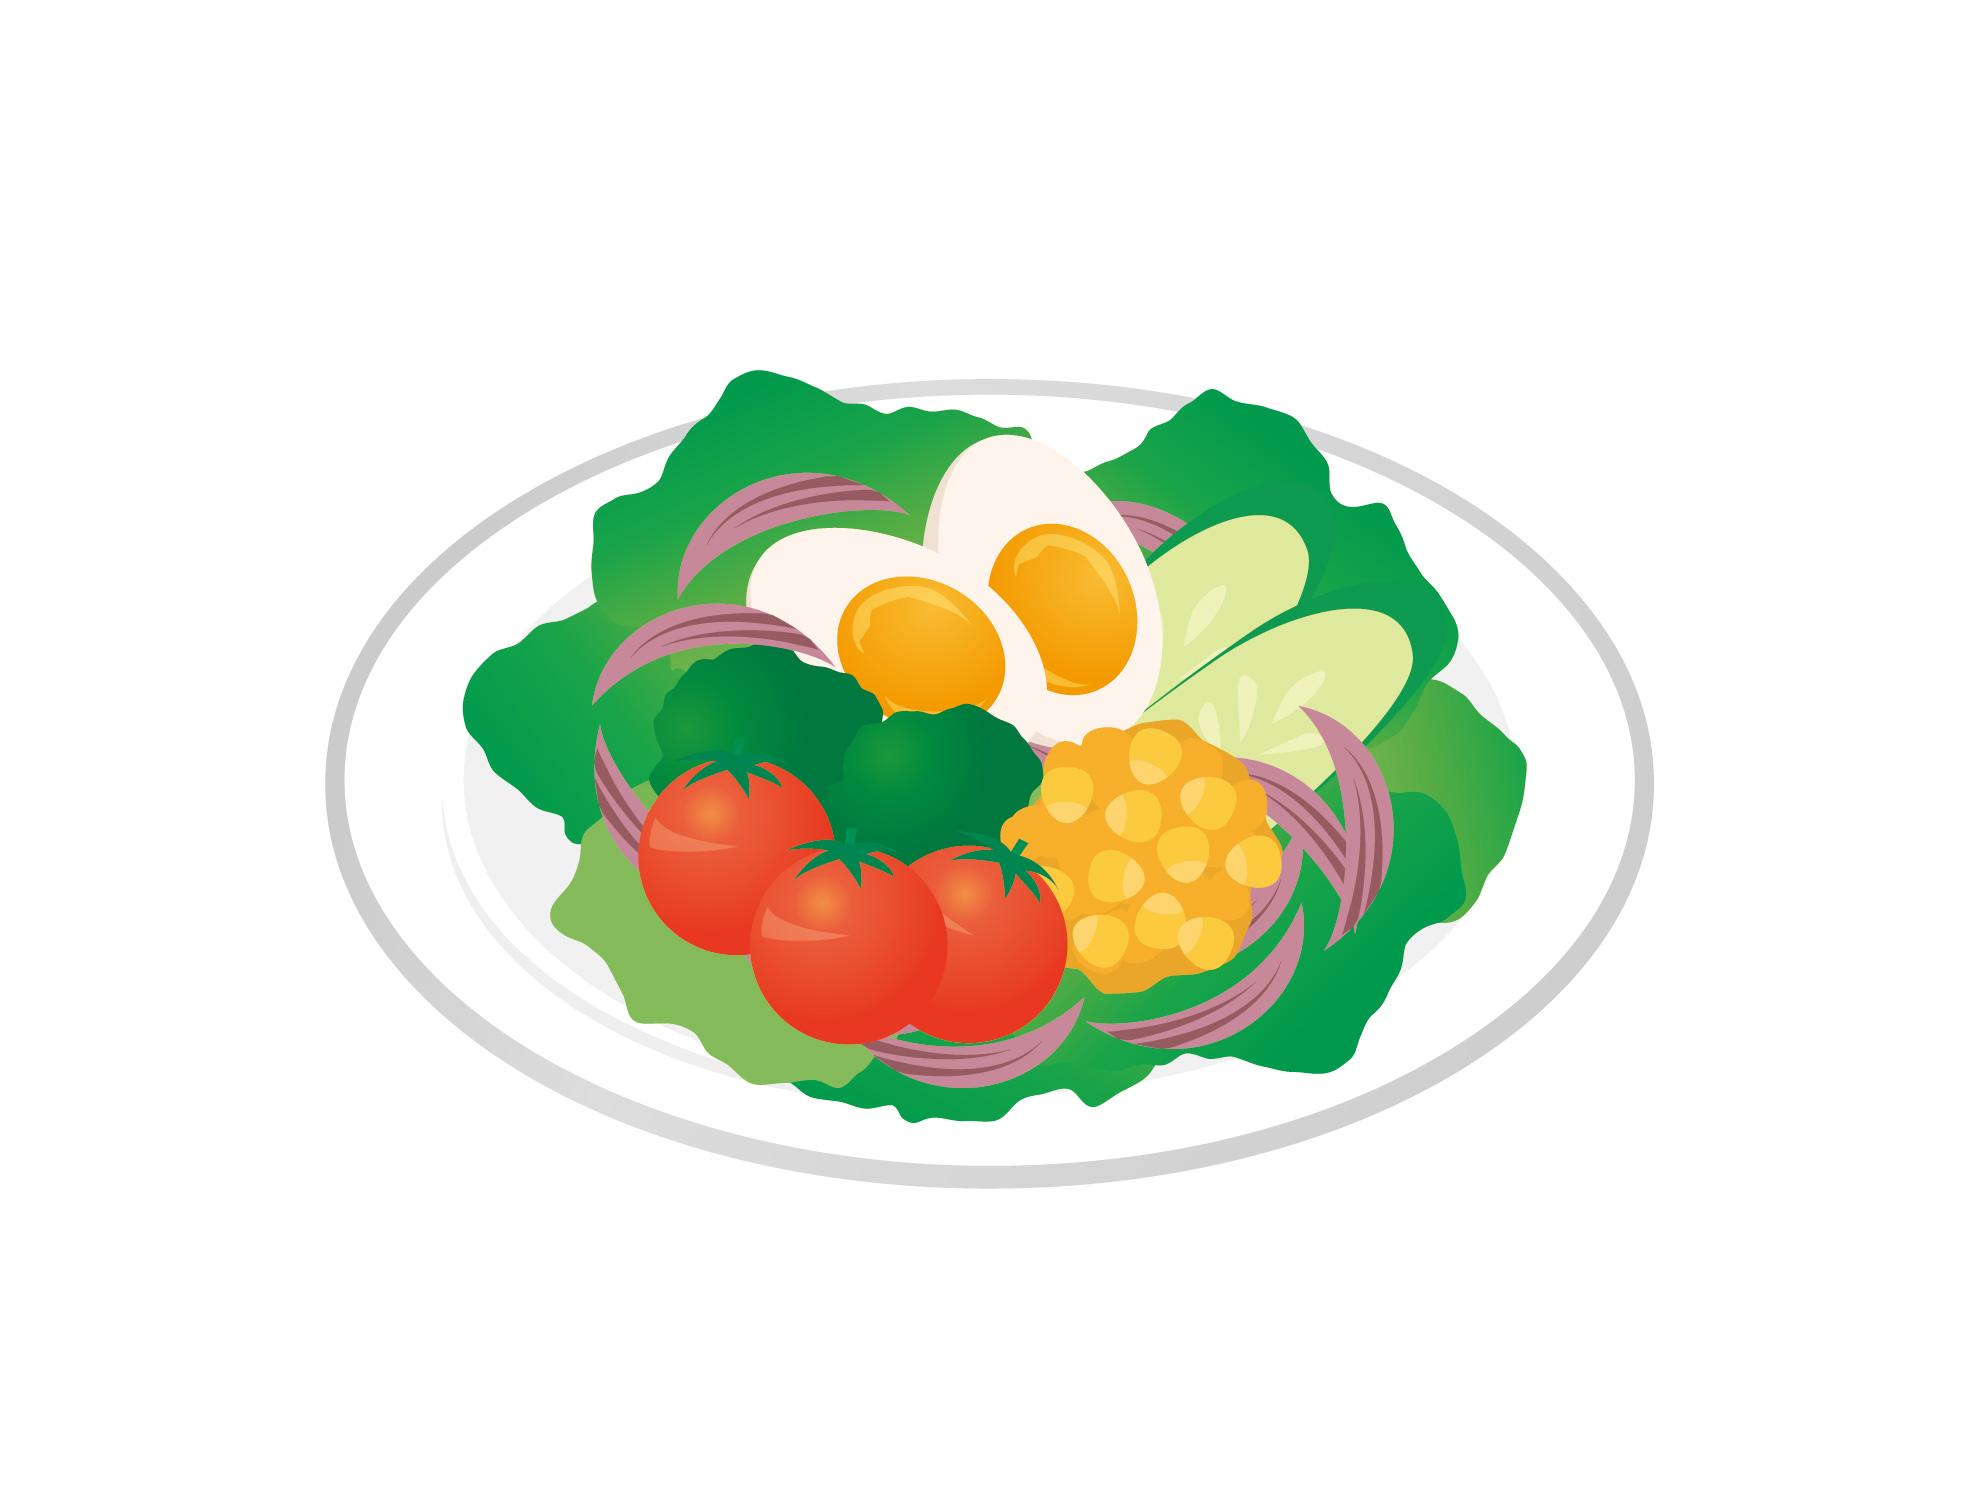 【画像】堀江貴文さん、山盛りのサラダを食べる